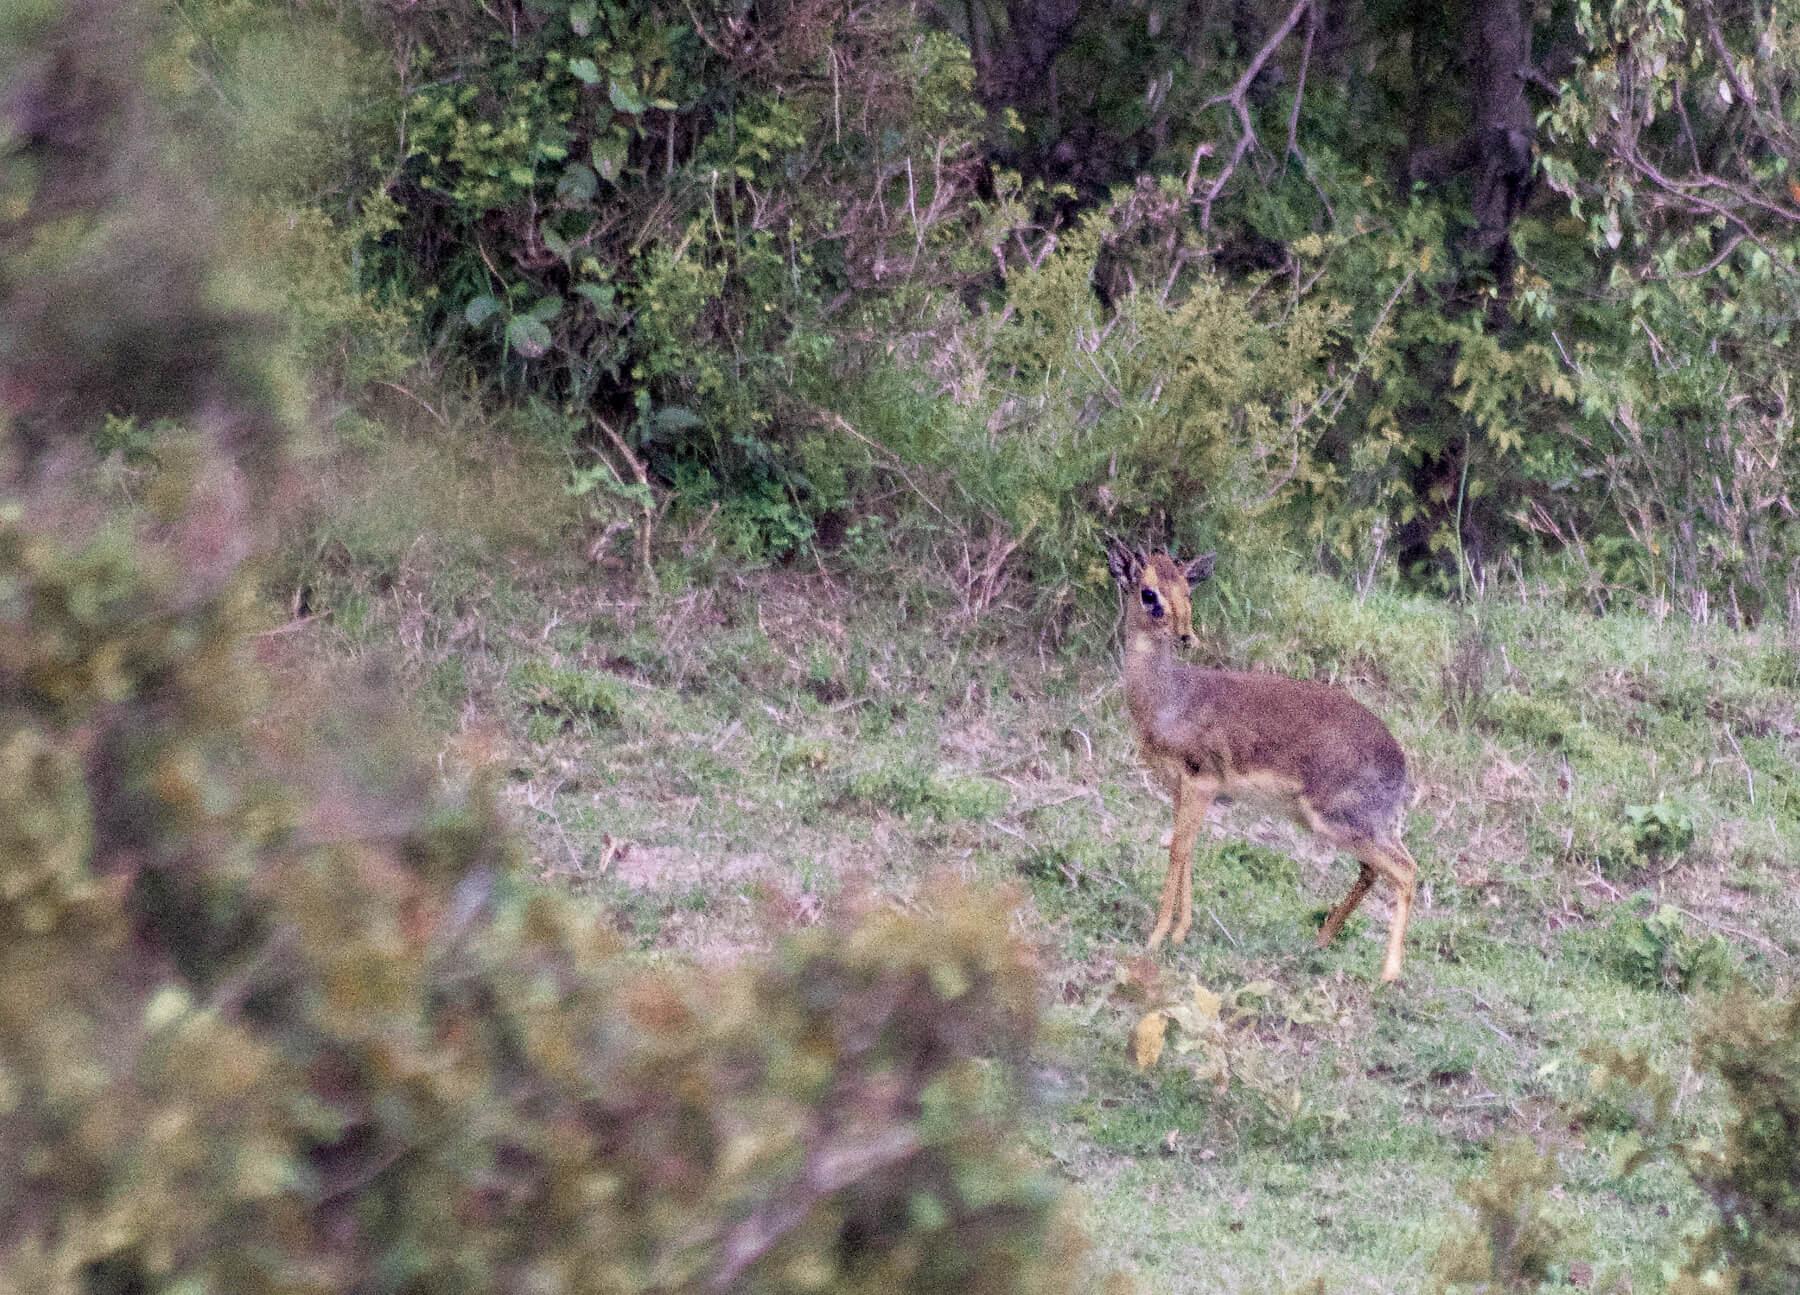 The smallest antelope in the Maasai Mara - A Dik-Dik